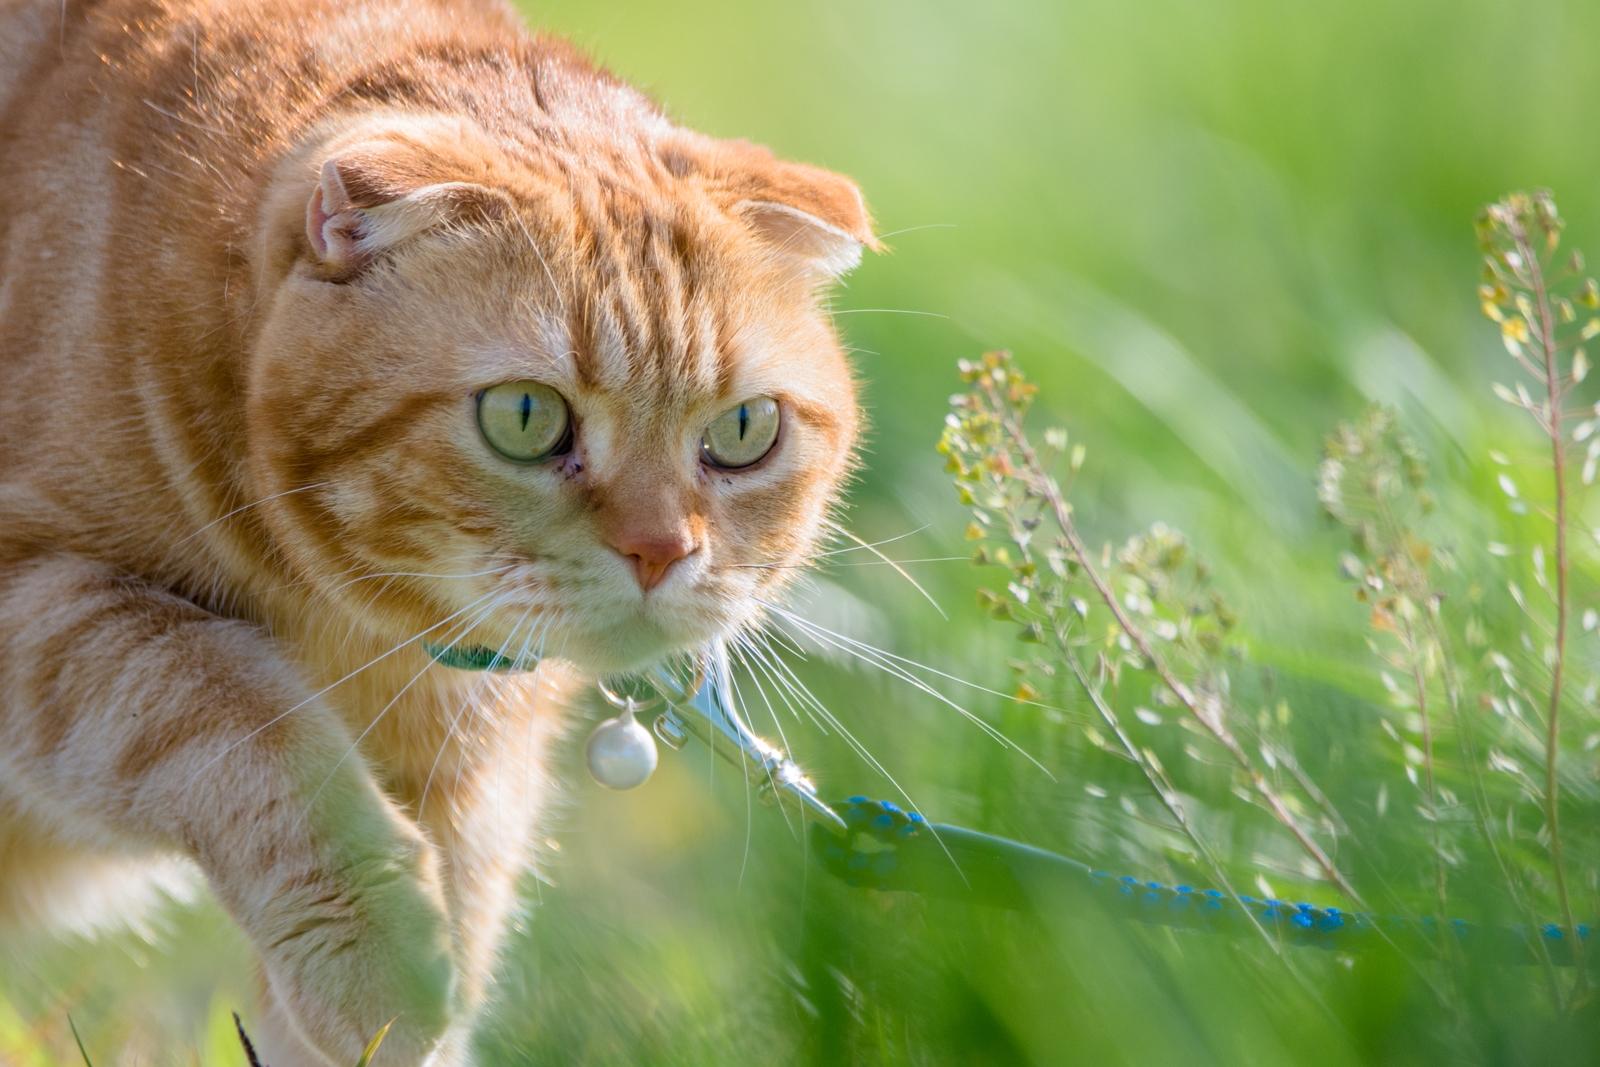 Photo: 「好奇心」 / Curiosity.  そっと足を踏み入れる この先がなんだか気になる そろりそろり ドキドキするけど 好奇心は止まらない  モデル:トラジ  Nikon D7200 SIGMA 150-600mm F5-6.3 DG OS HSM Contemporary  #cat #kawaii #nikon #sigma  #木曜ポートニャート #トラジオフ  ( http://takafumiooshio.com/archives/2445 )